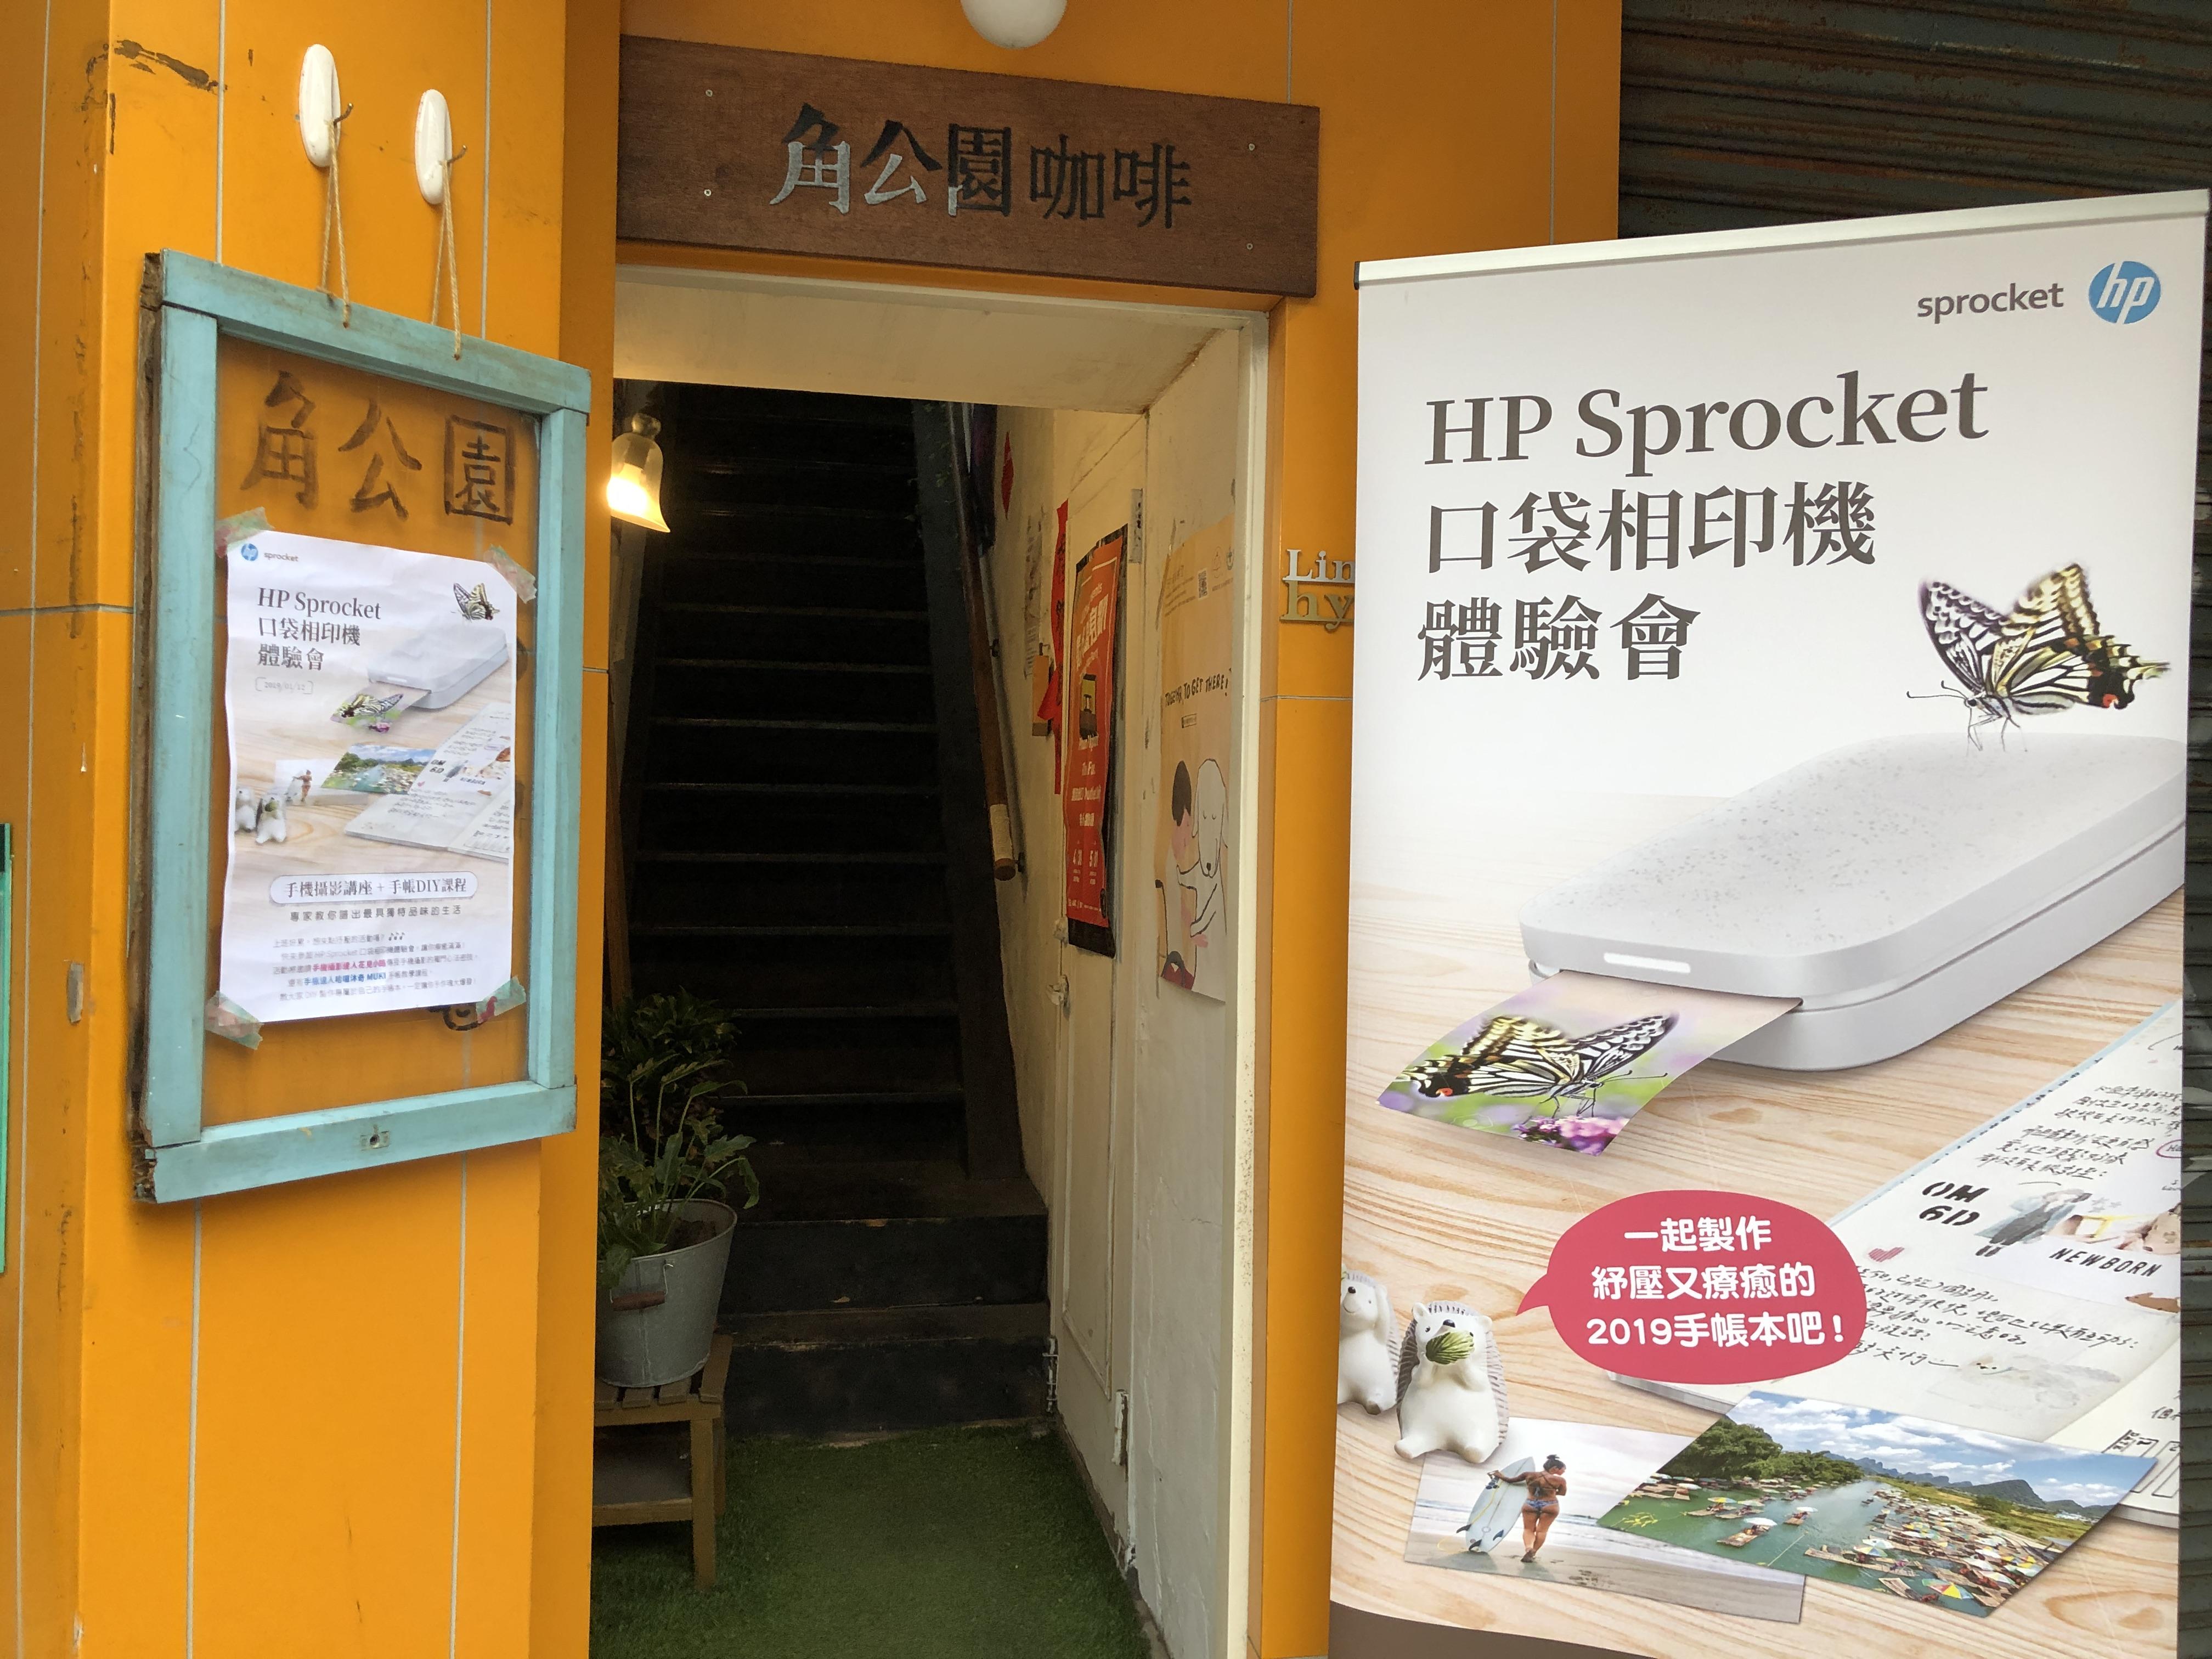 HP Sprocket相印機體驗會入口